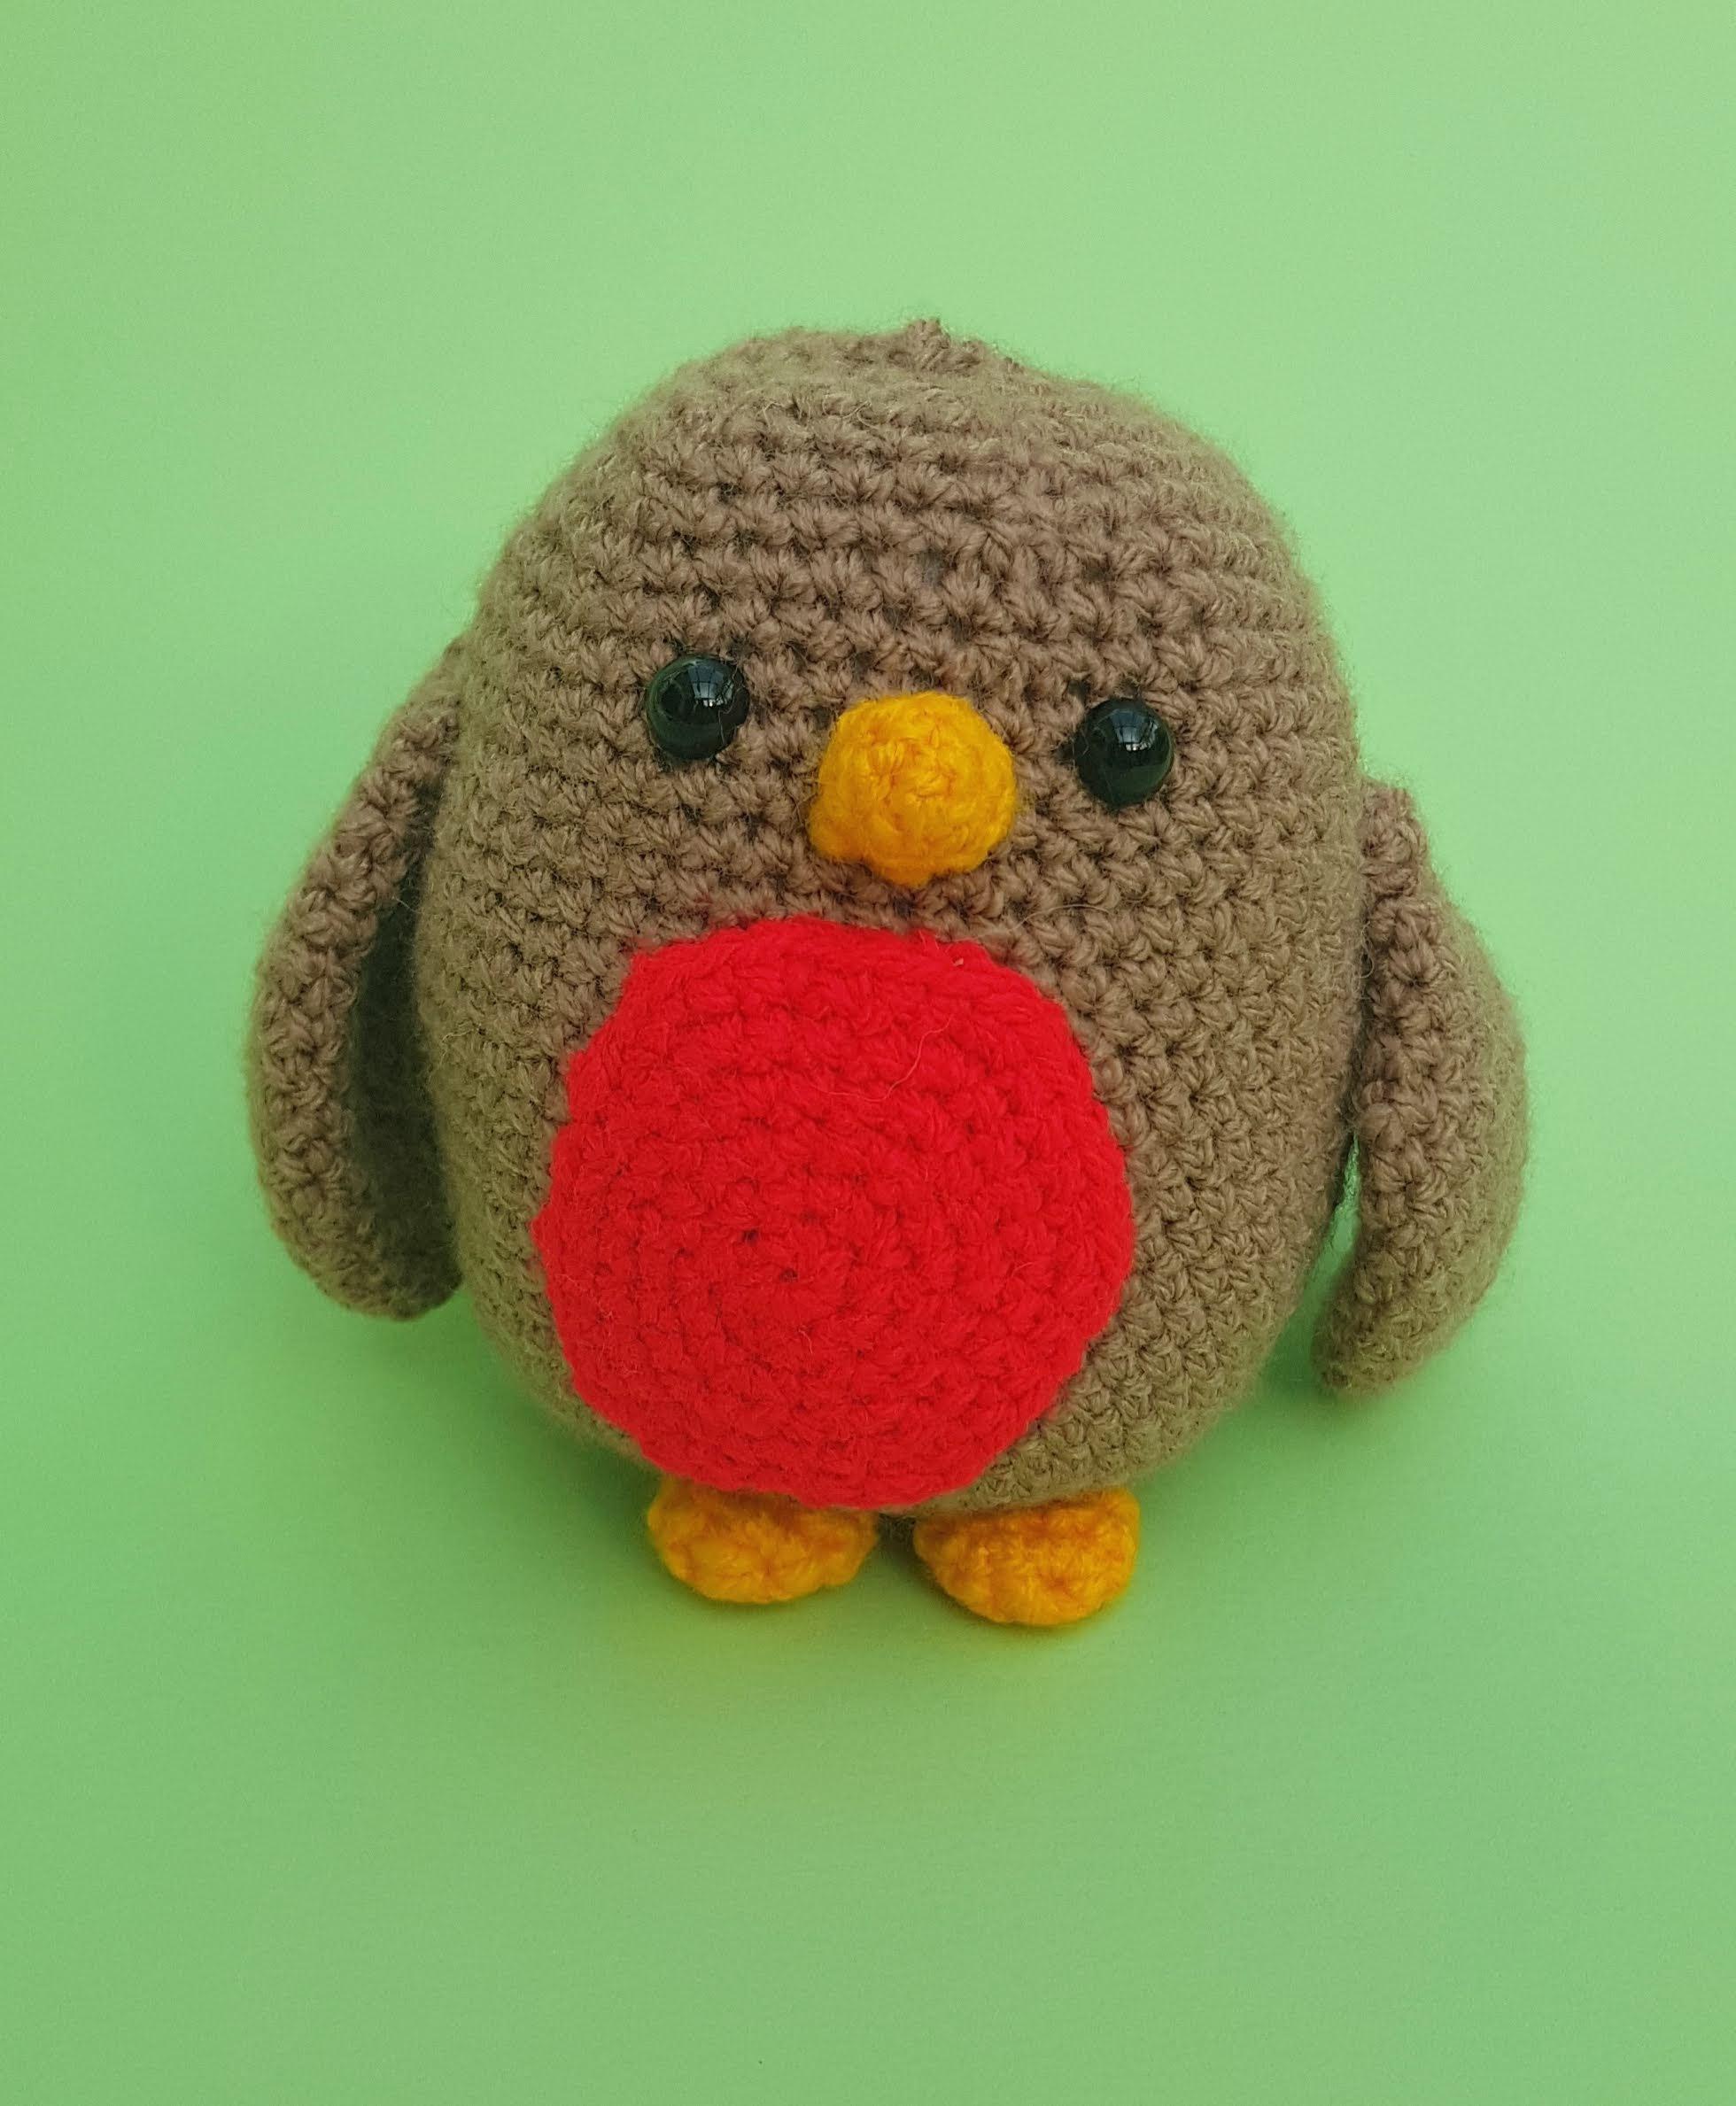 Snoopy Amigurumi Crochet Kit | Stitch & Story - Stitch & Story | 2378x1960